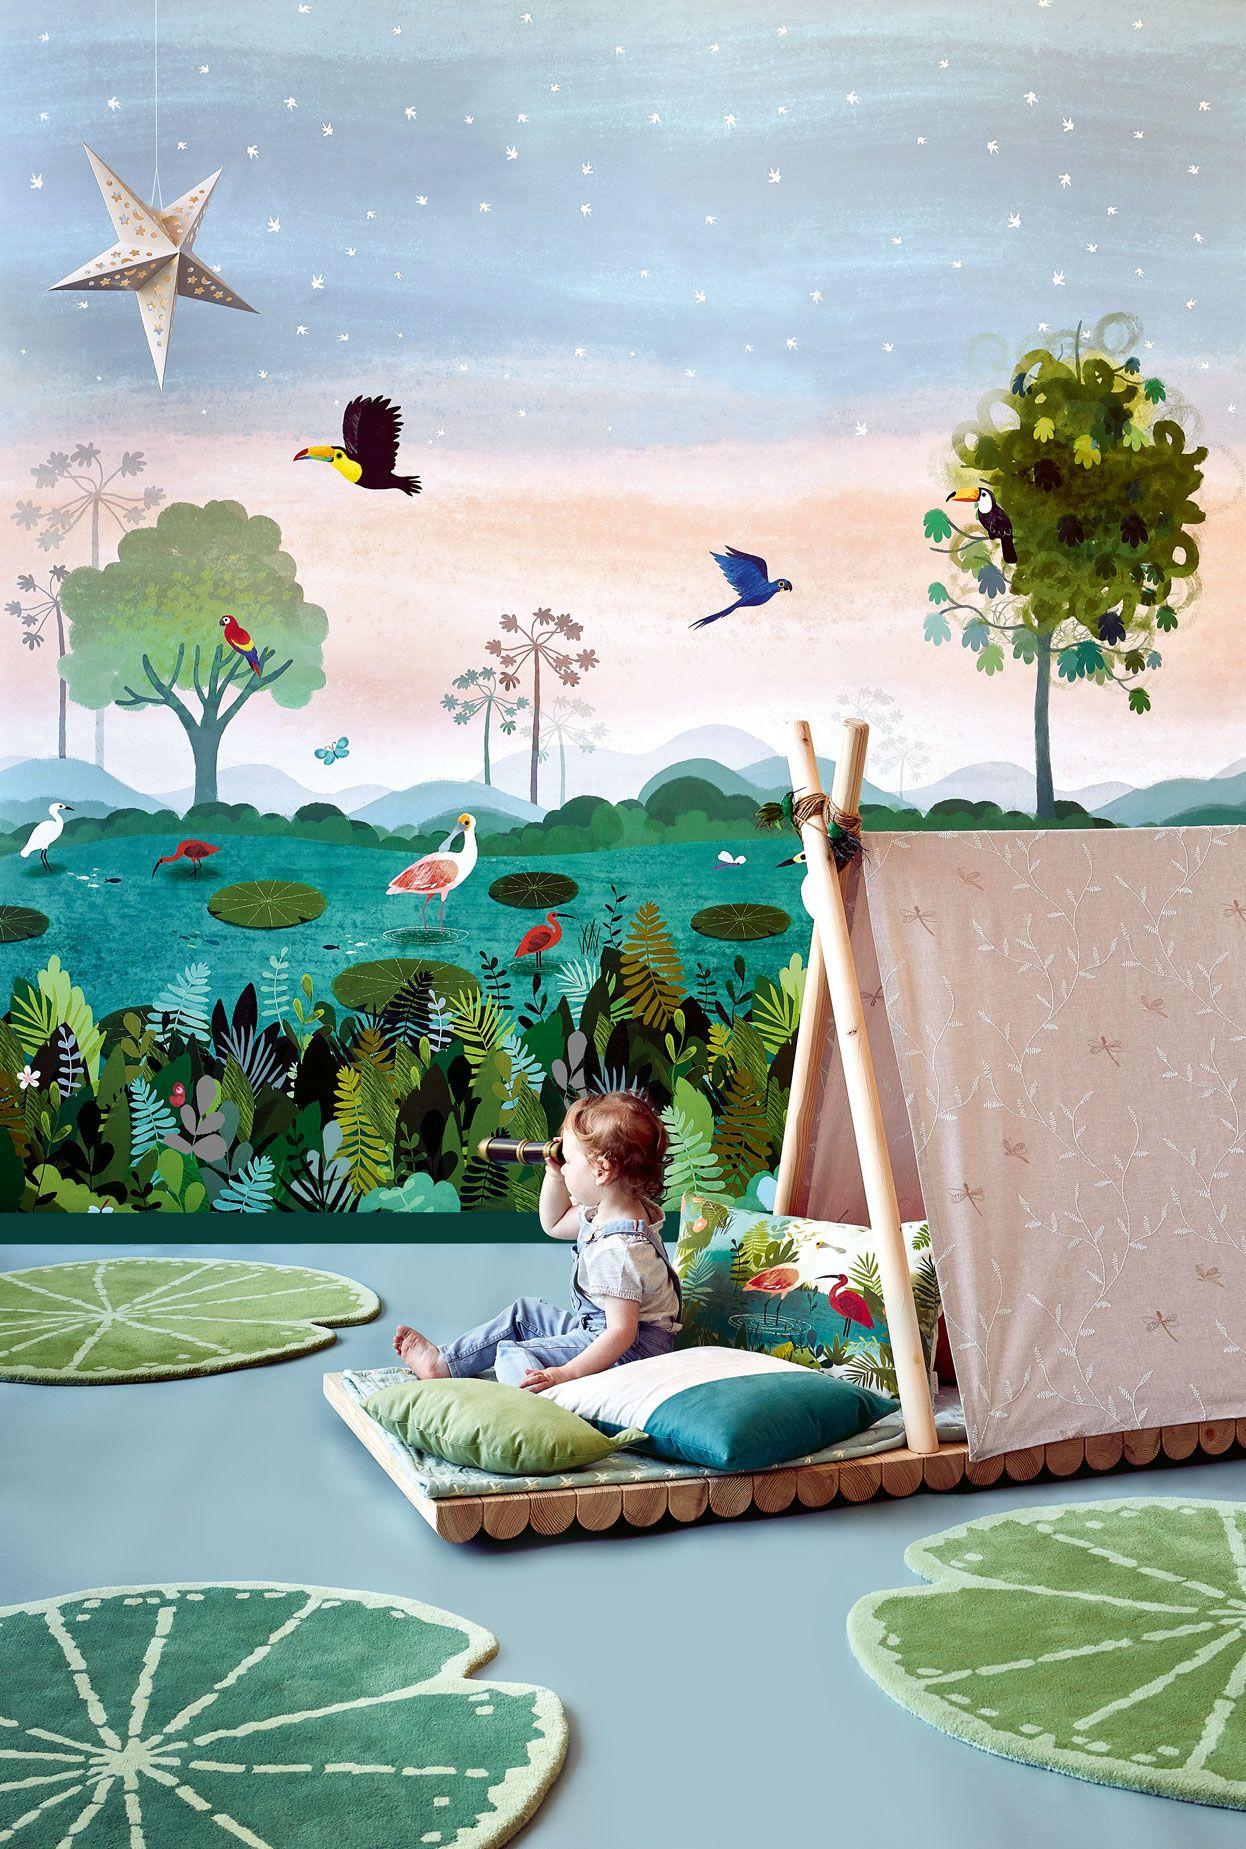 Carta da parati per bambini giungla Carta da parati per